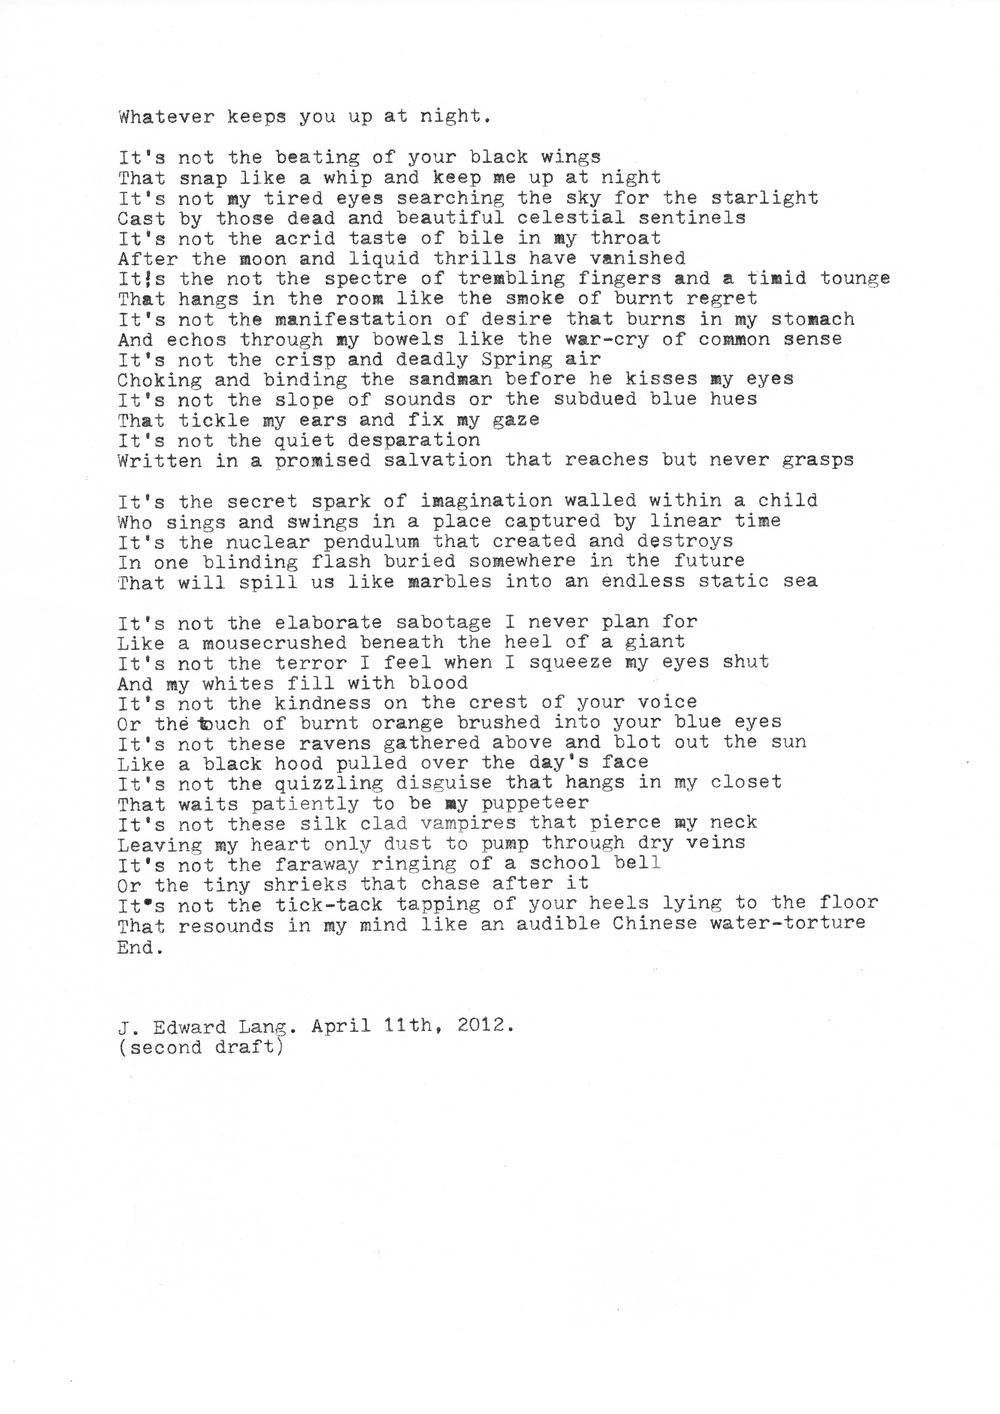 wkyuan a poem.jpg